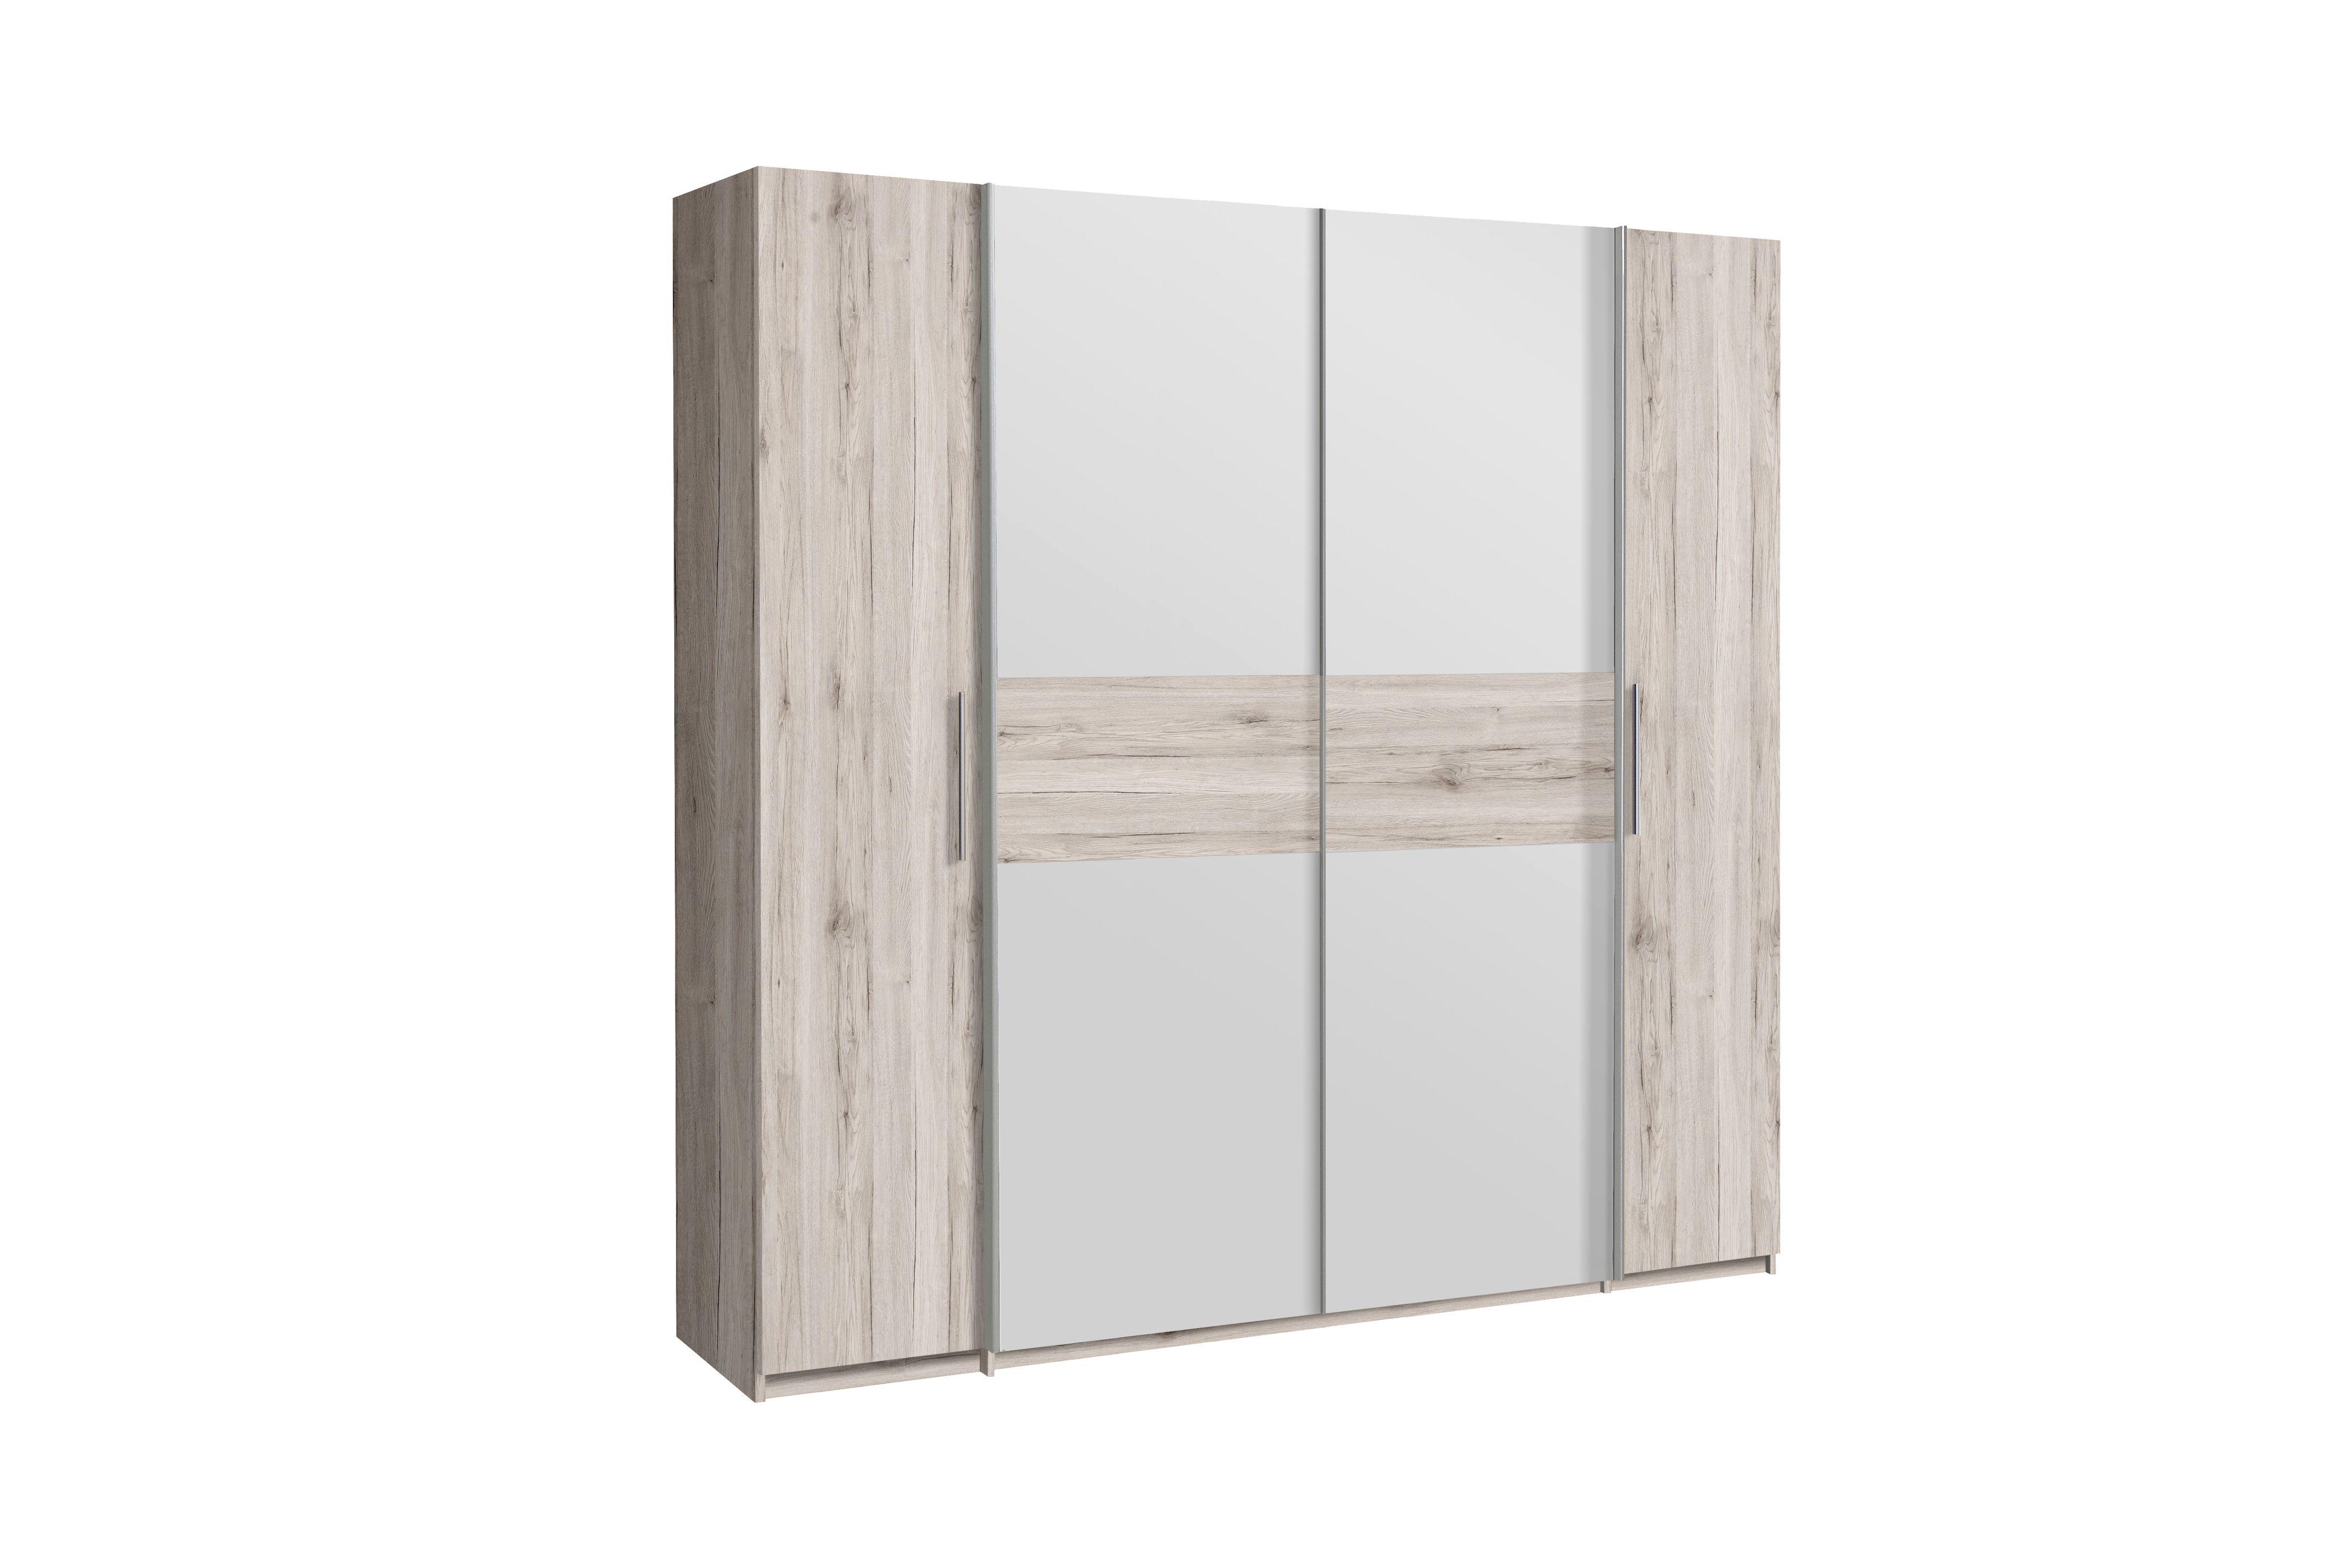 kleiderschrank 4 trg calido von forte sandeiche weiss. Black Bedroom Furniture Sets. Home Design Ideas